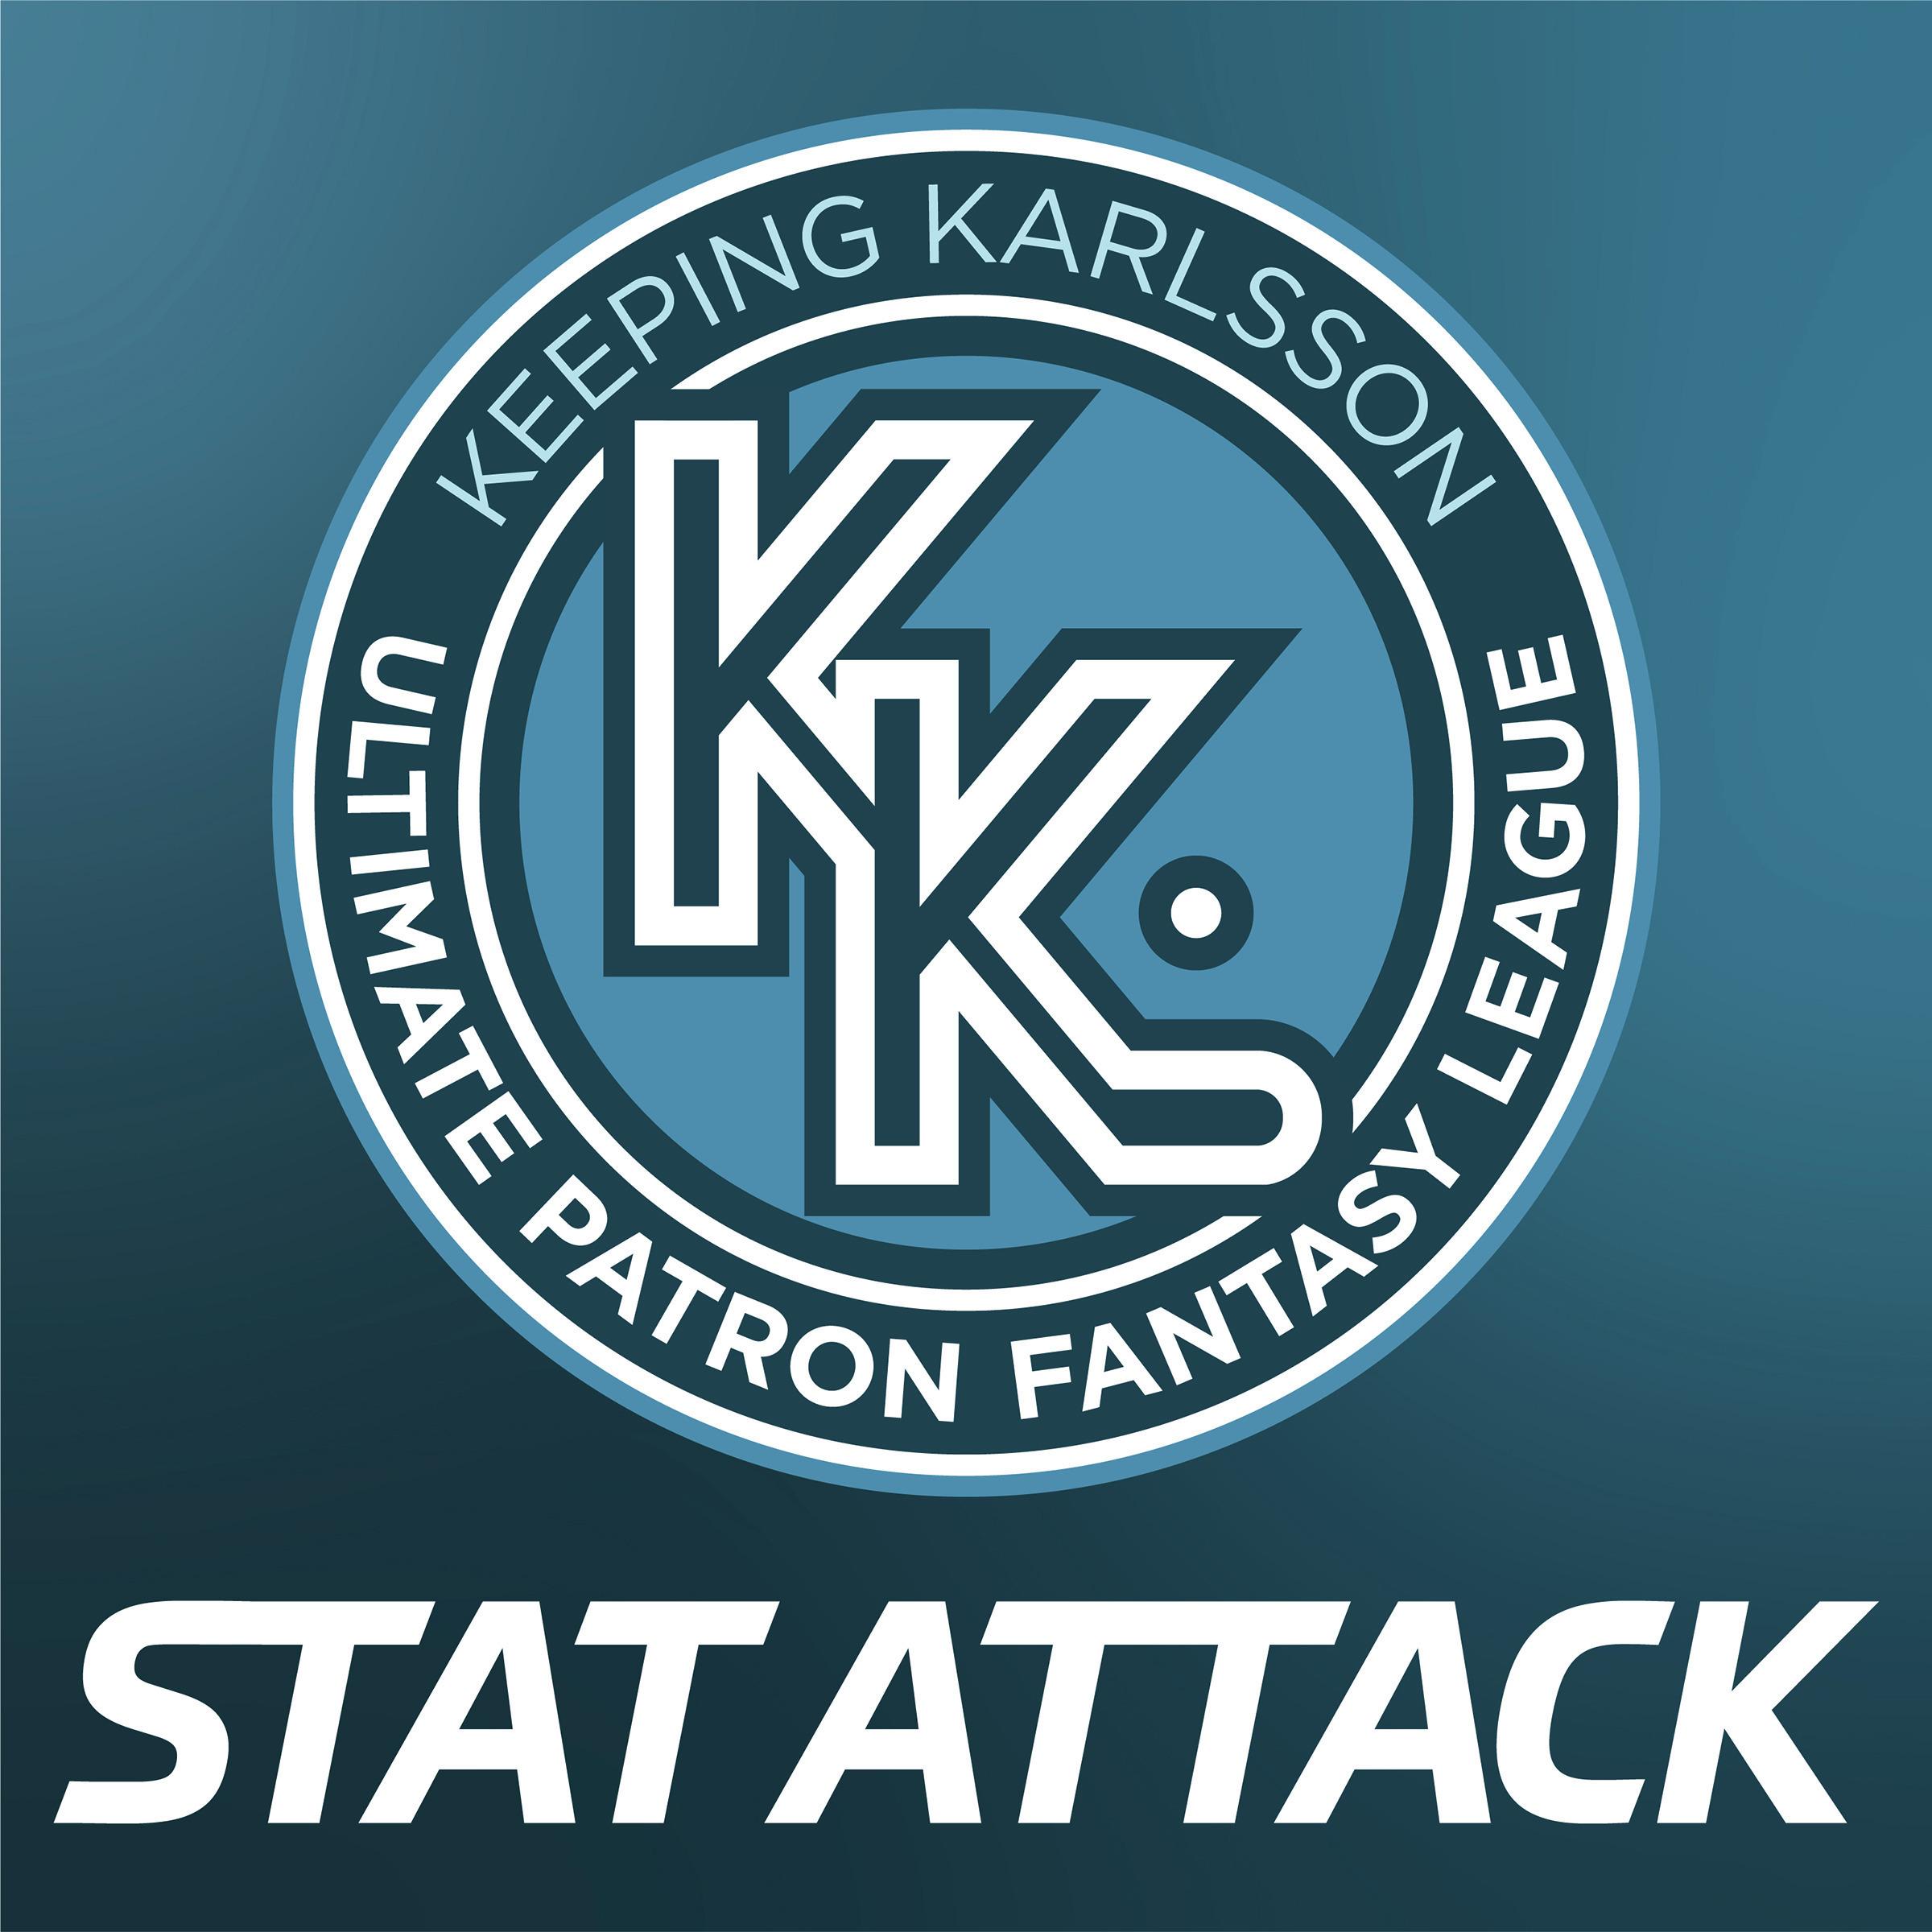 Stat Attack S02E01 - Jeremy Vercillo